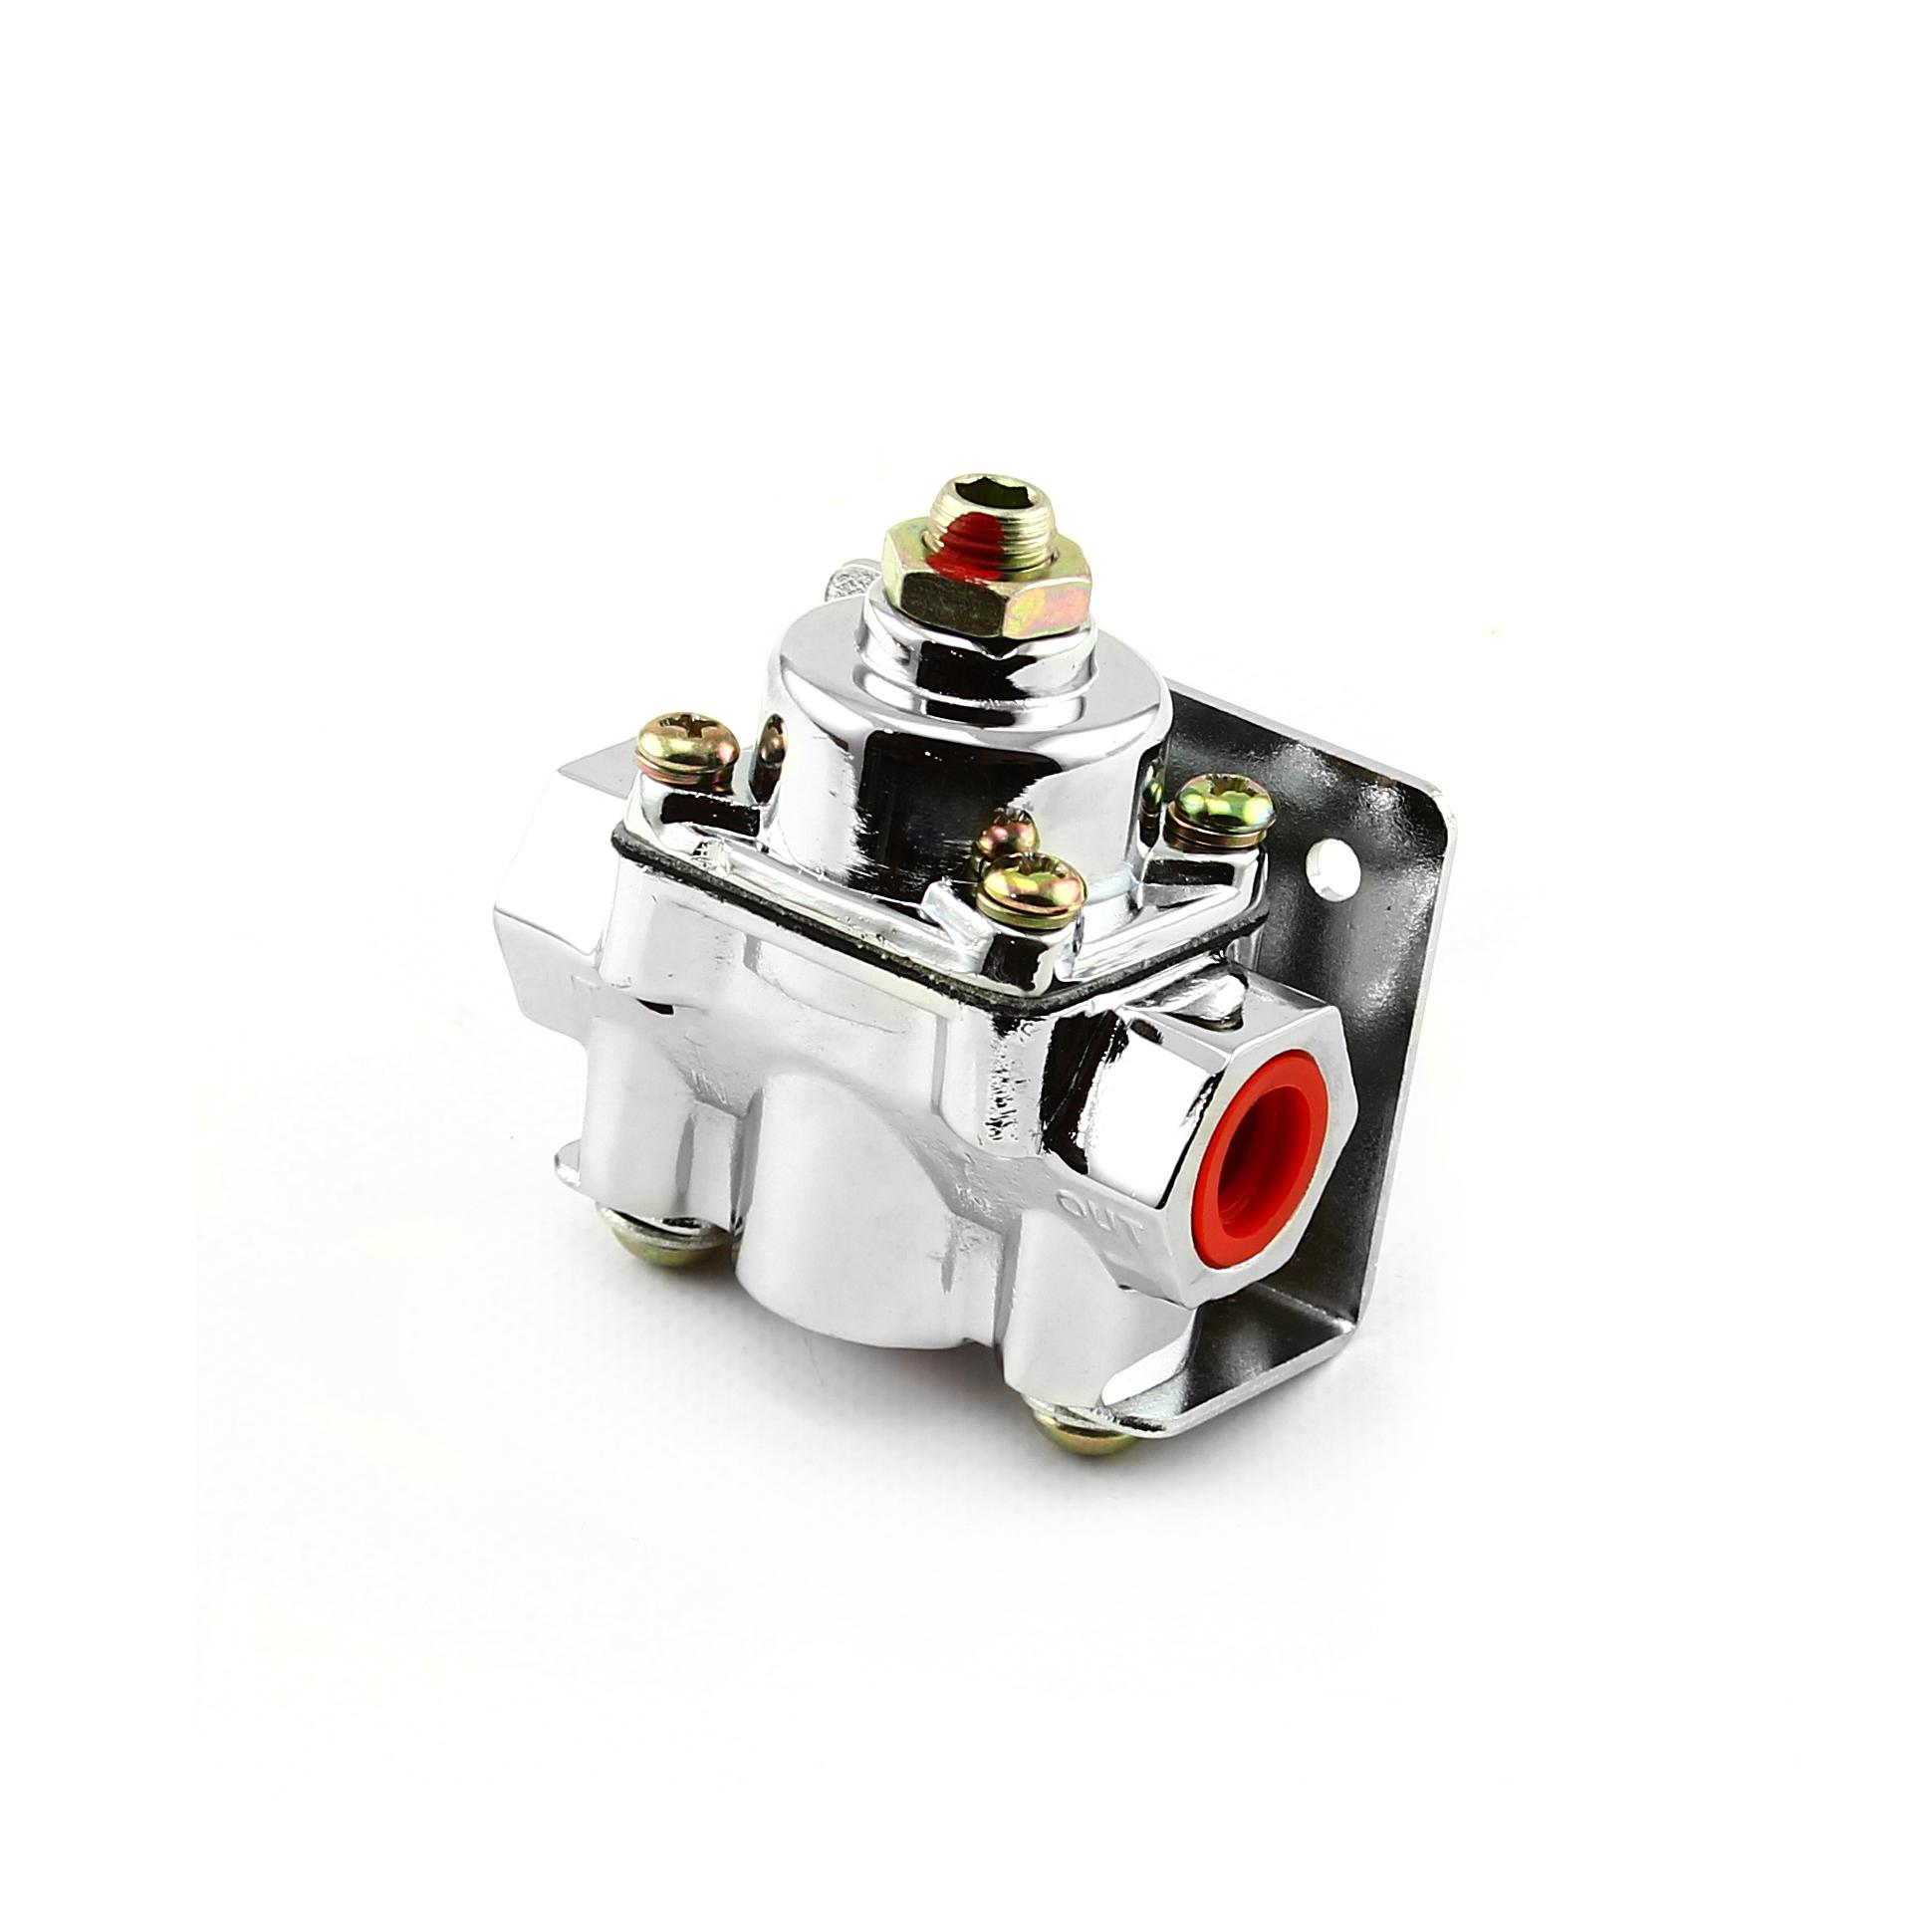 4-9 psi Adjustable Universal Deadhead Fuel Pressure Regulator Chrome